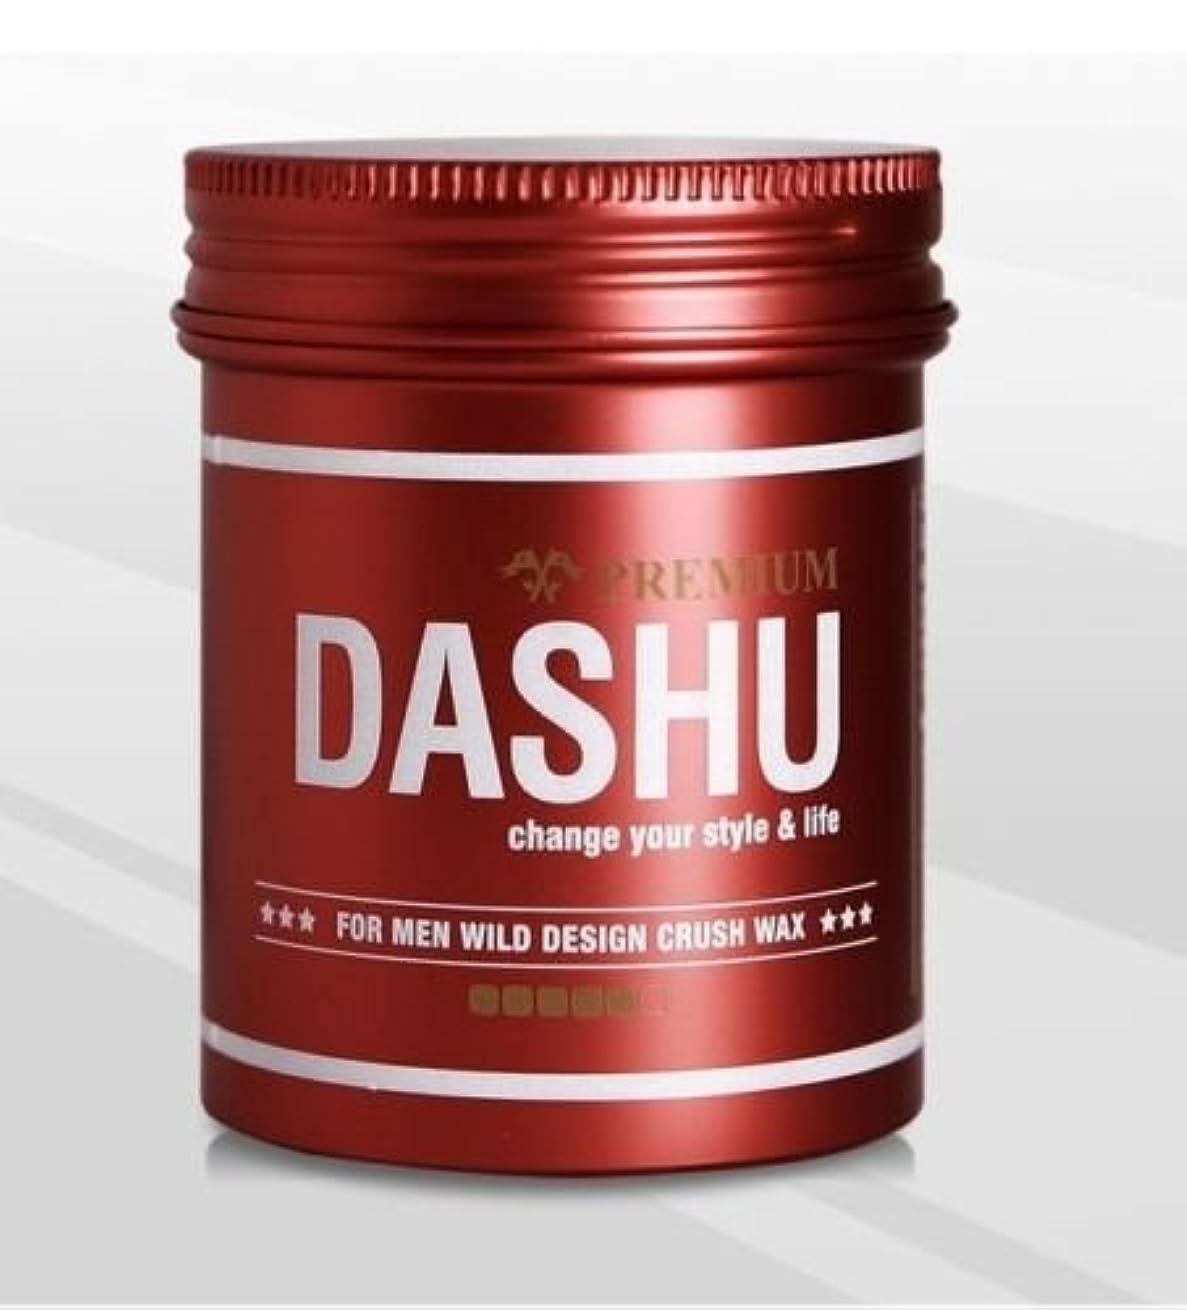 退院セージロッカー[DASHU] ダシュ For Men男性用 プレミアムワイルドデザインクラッシュワックス Premium Wild Design Crush Hair Wax 100ml / 韓国製 . 韓国直送品